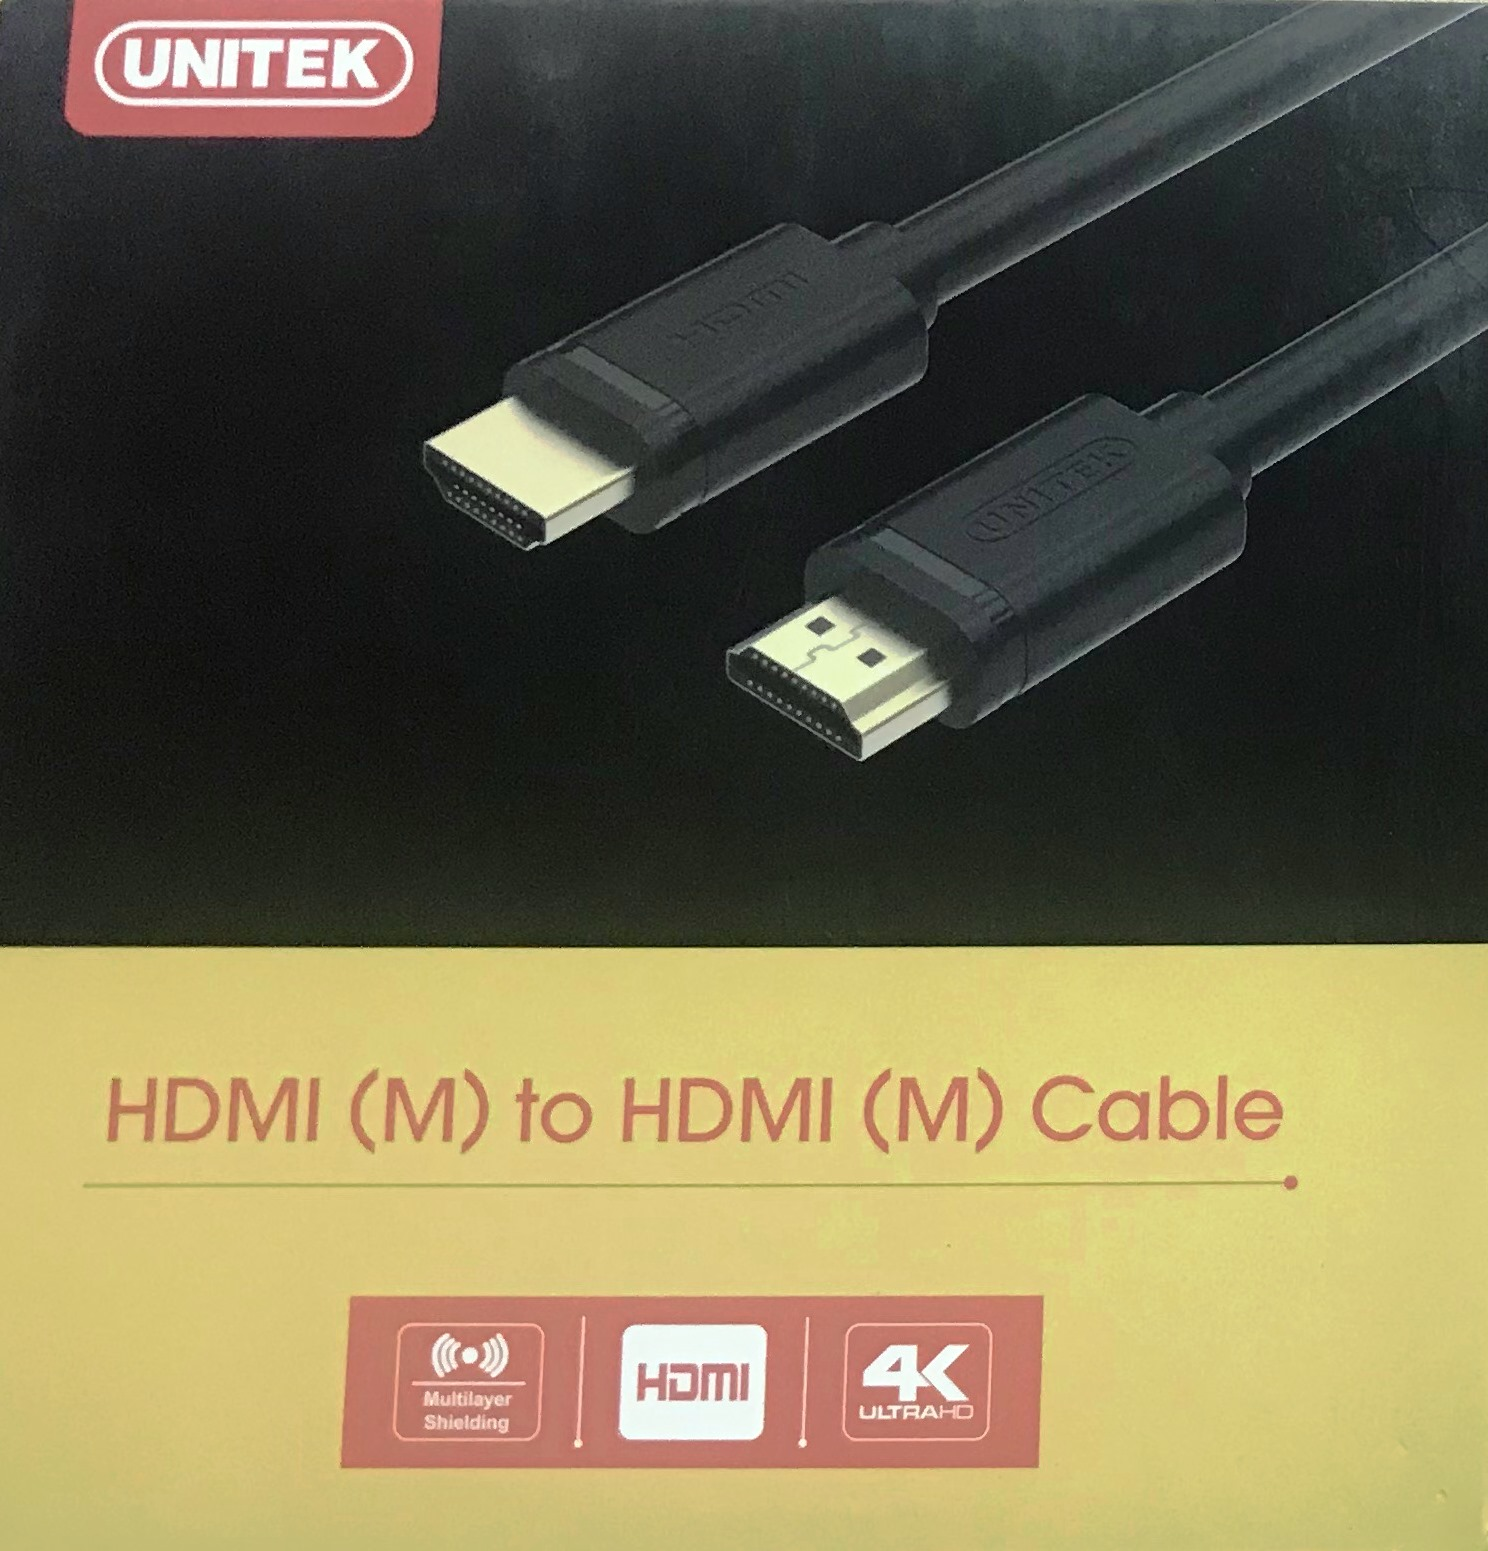 Cáp HDMI Unitek 10m hàng chính hãng dây đen